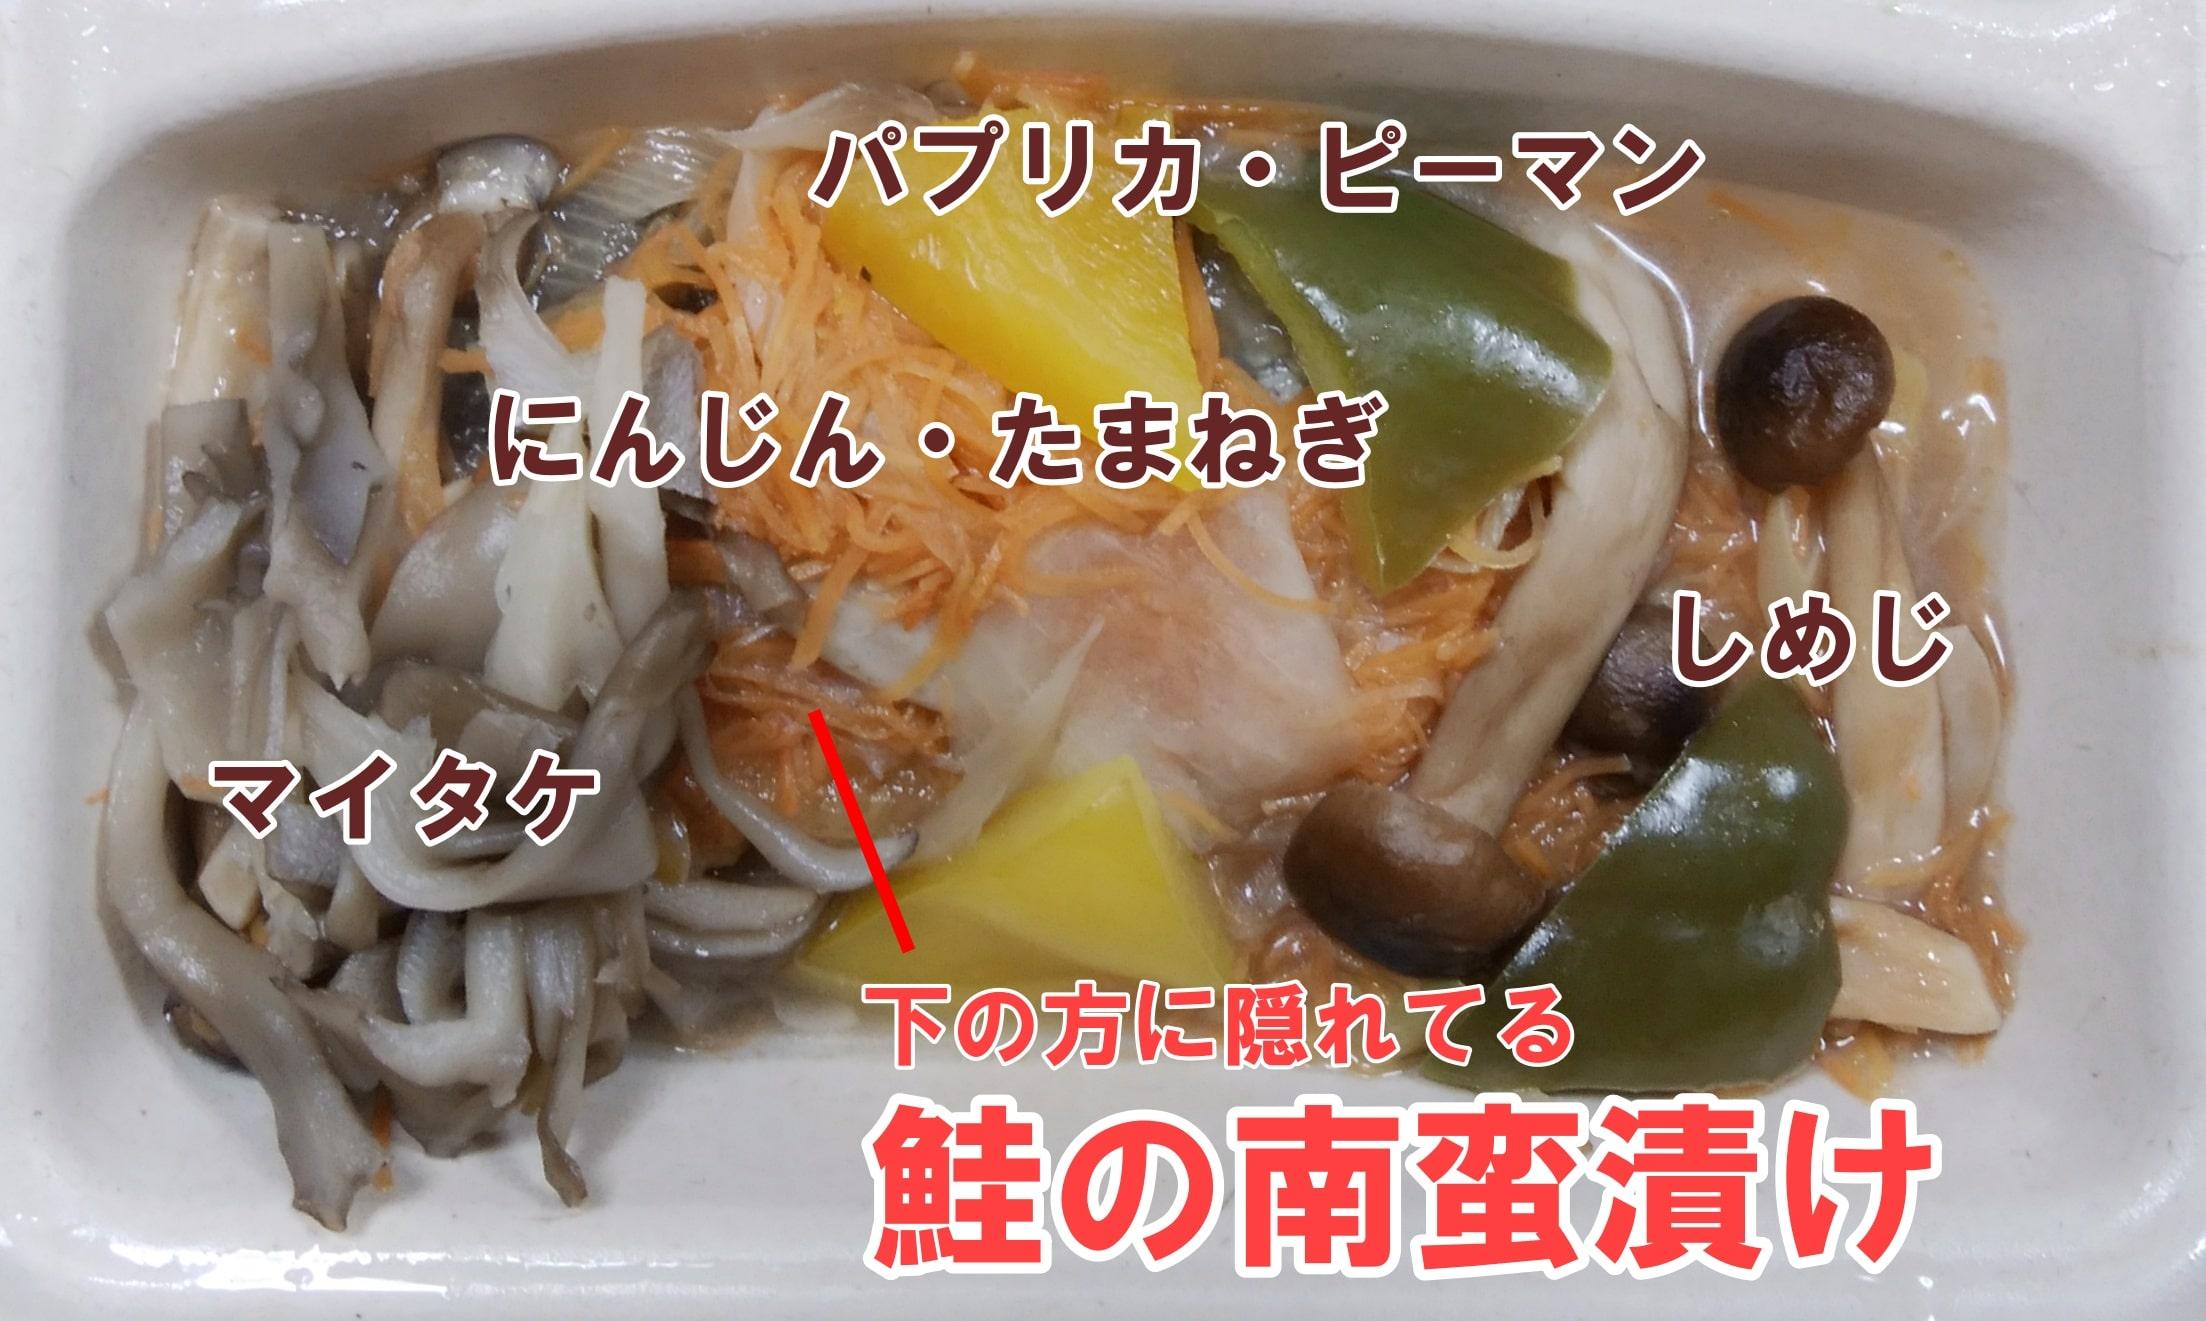 鮭の南蛮漬けnosh主菜